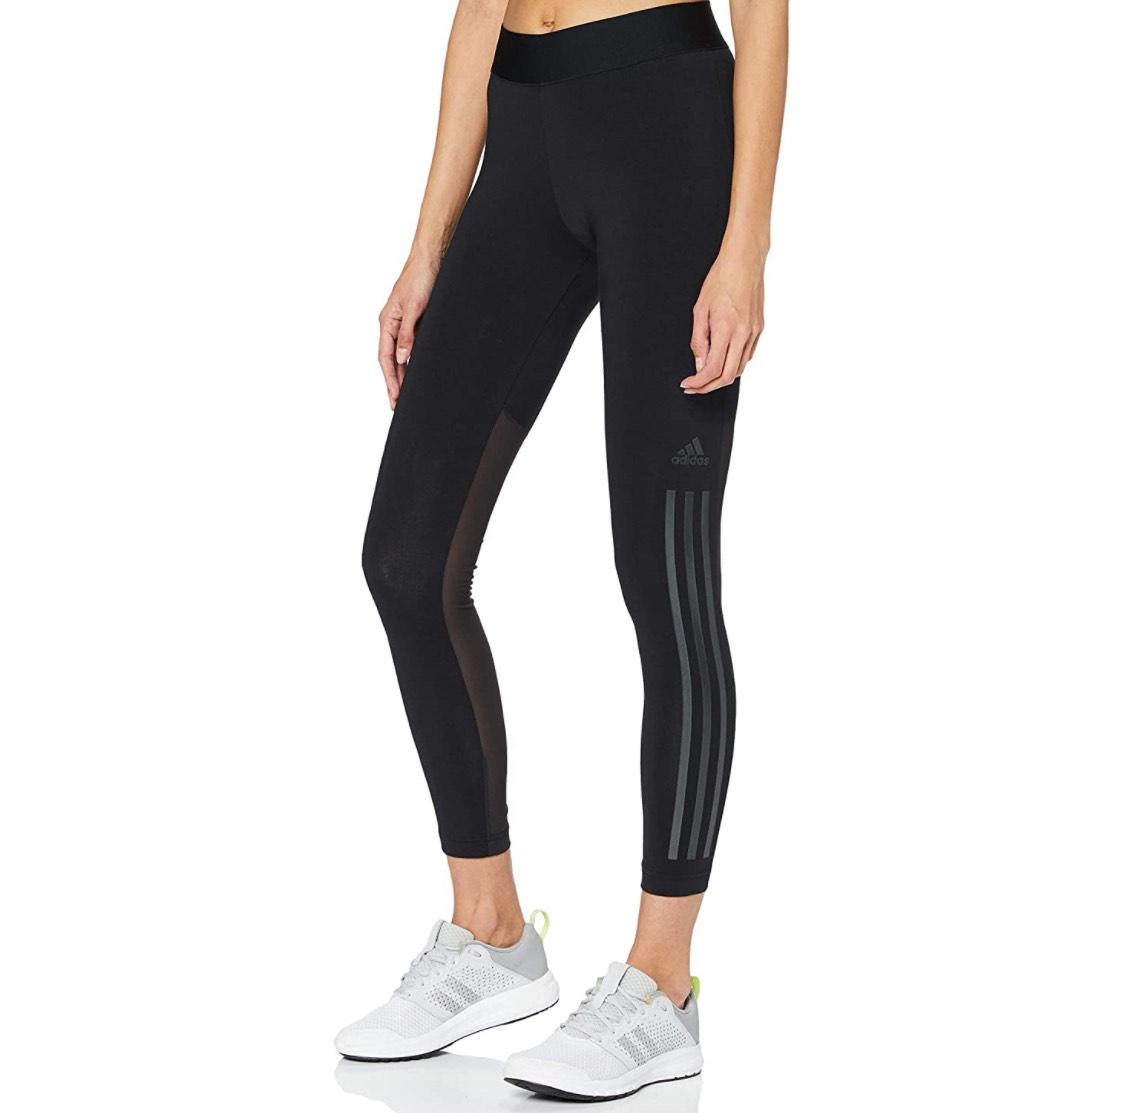 Leggins Adidas mujer talla 3X